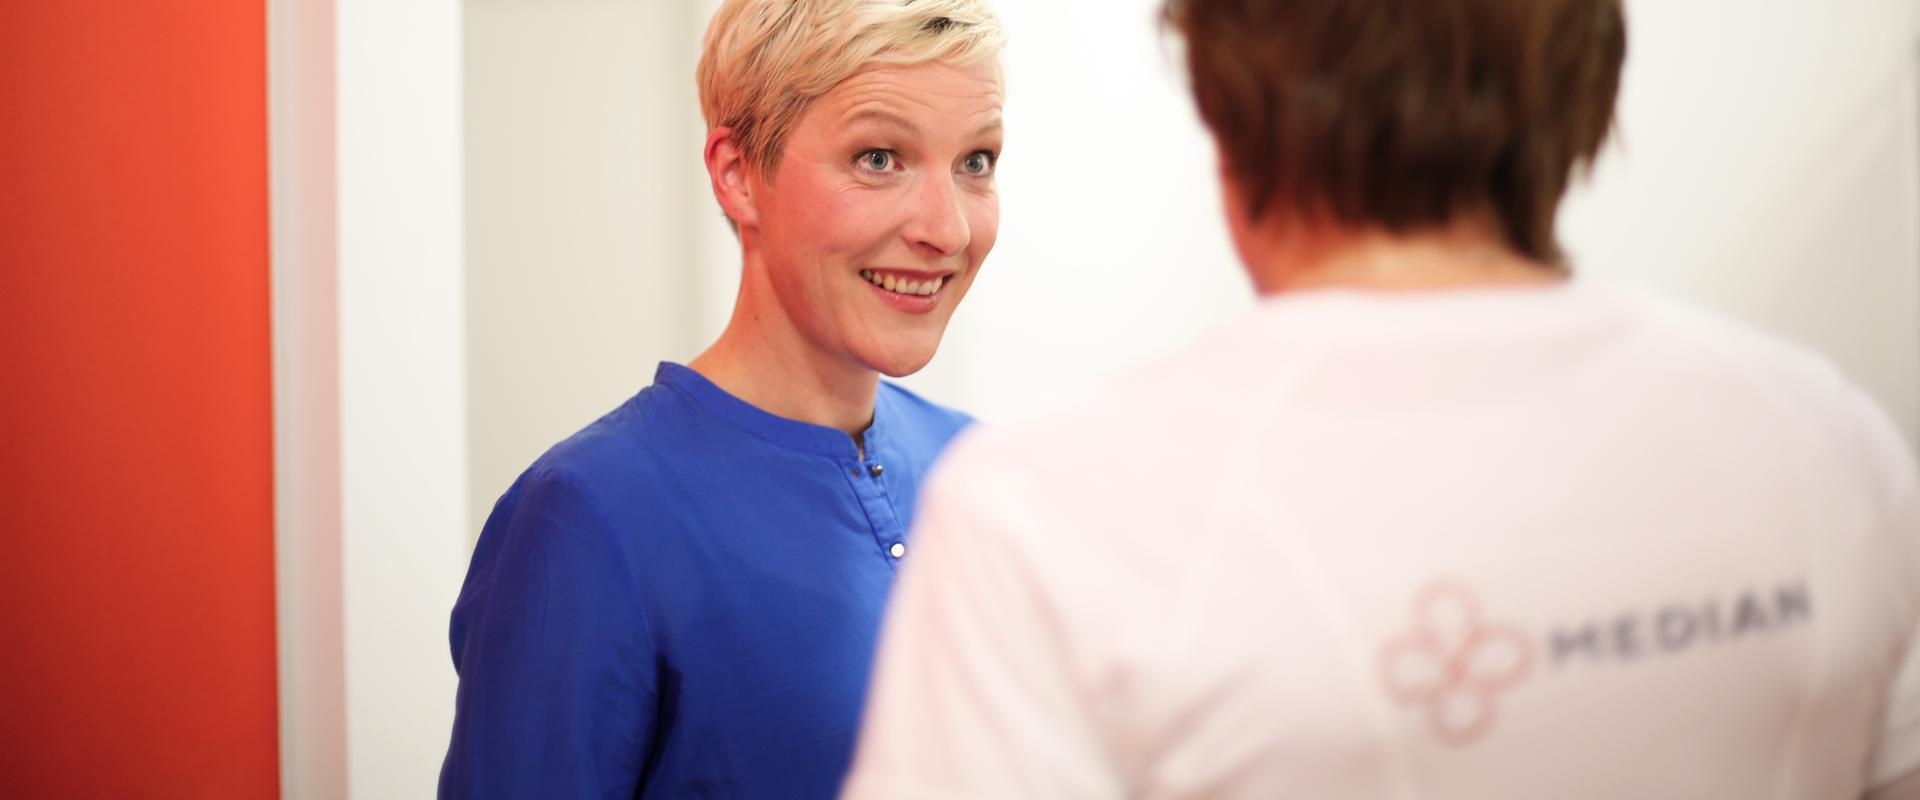 Patientin im Gespräch mit einer Pflegerin im MEDIAN Therapiezentrum Haus Remscheid